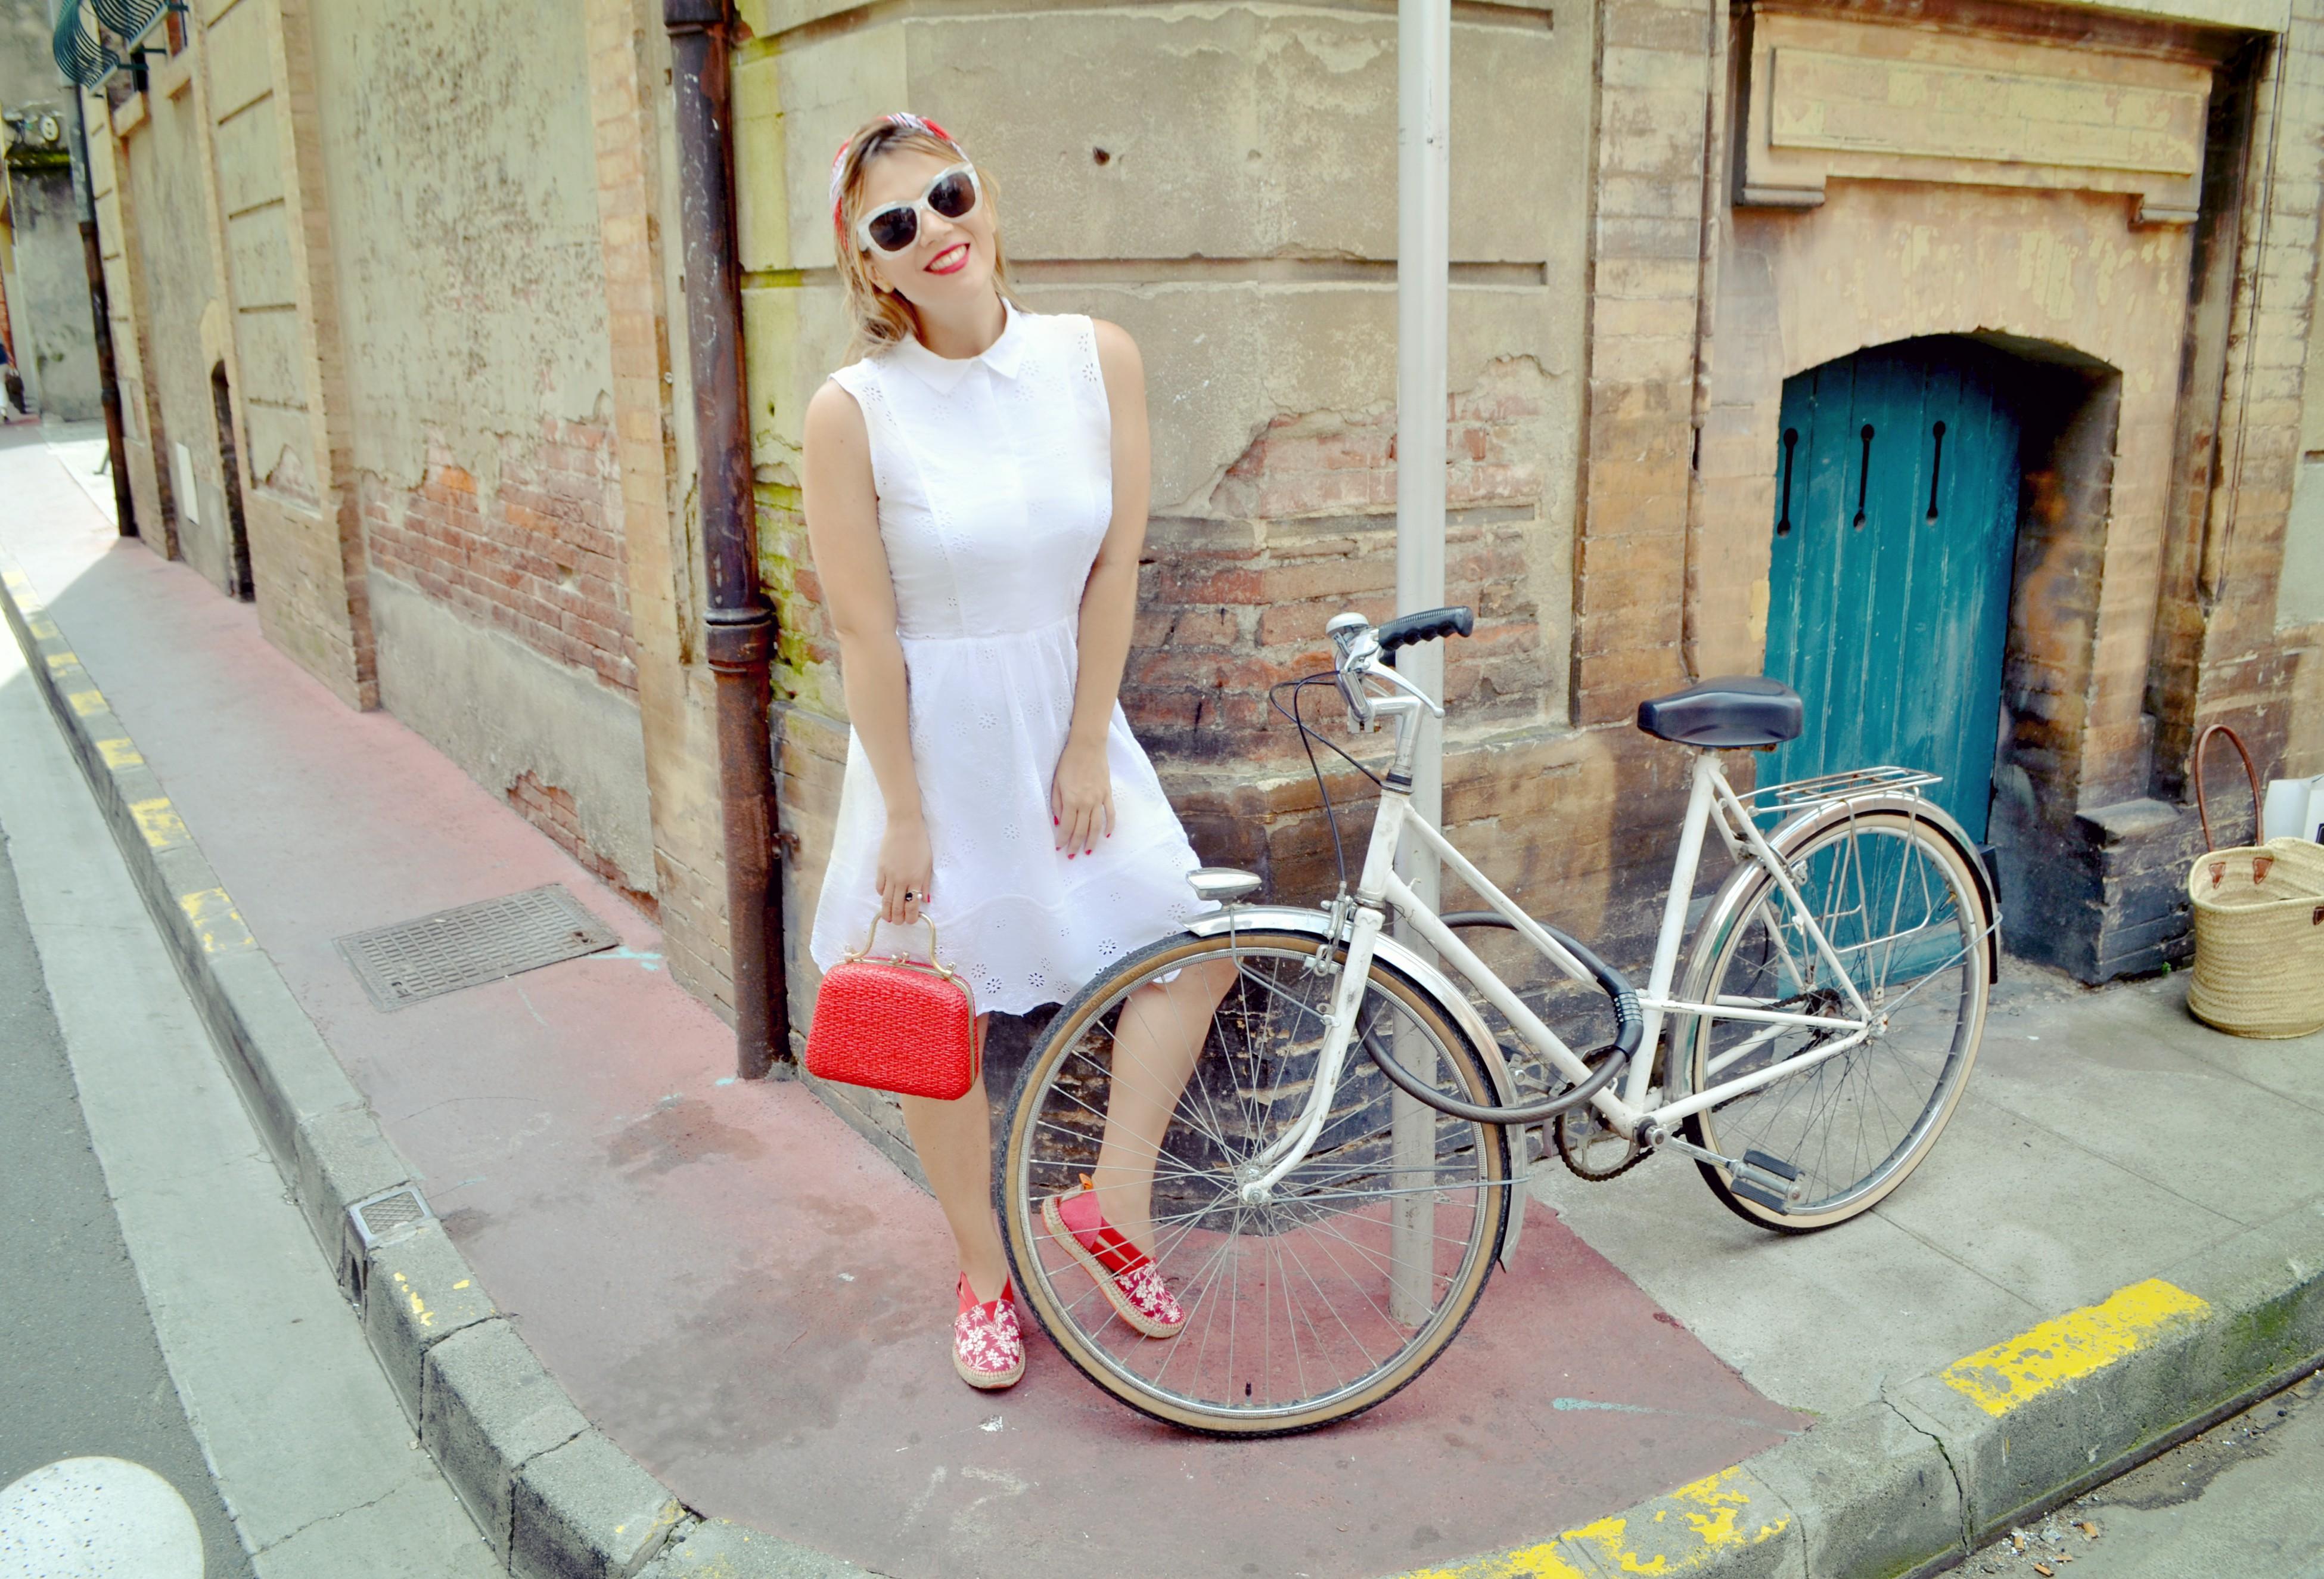 Vestido-blanco-ChicAdicta-blog-de-moda-Chic-Adicta-retro-style-alpargatas-instint-fancy-look-blog-de-moda-Toulouse-PiensaenChic-Piensa-en-Chic